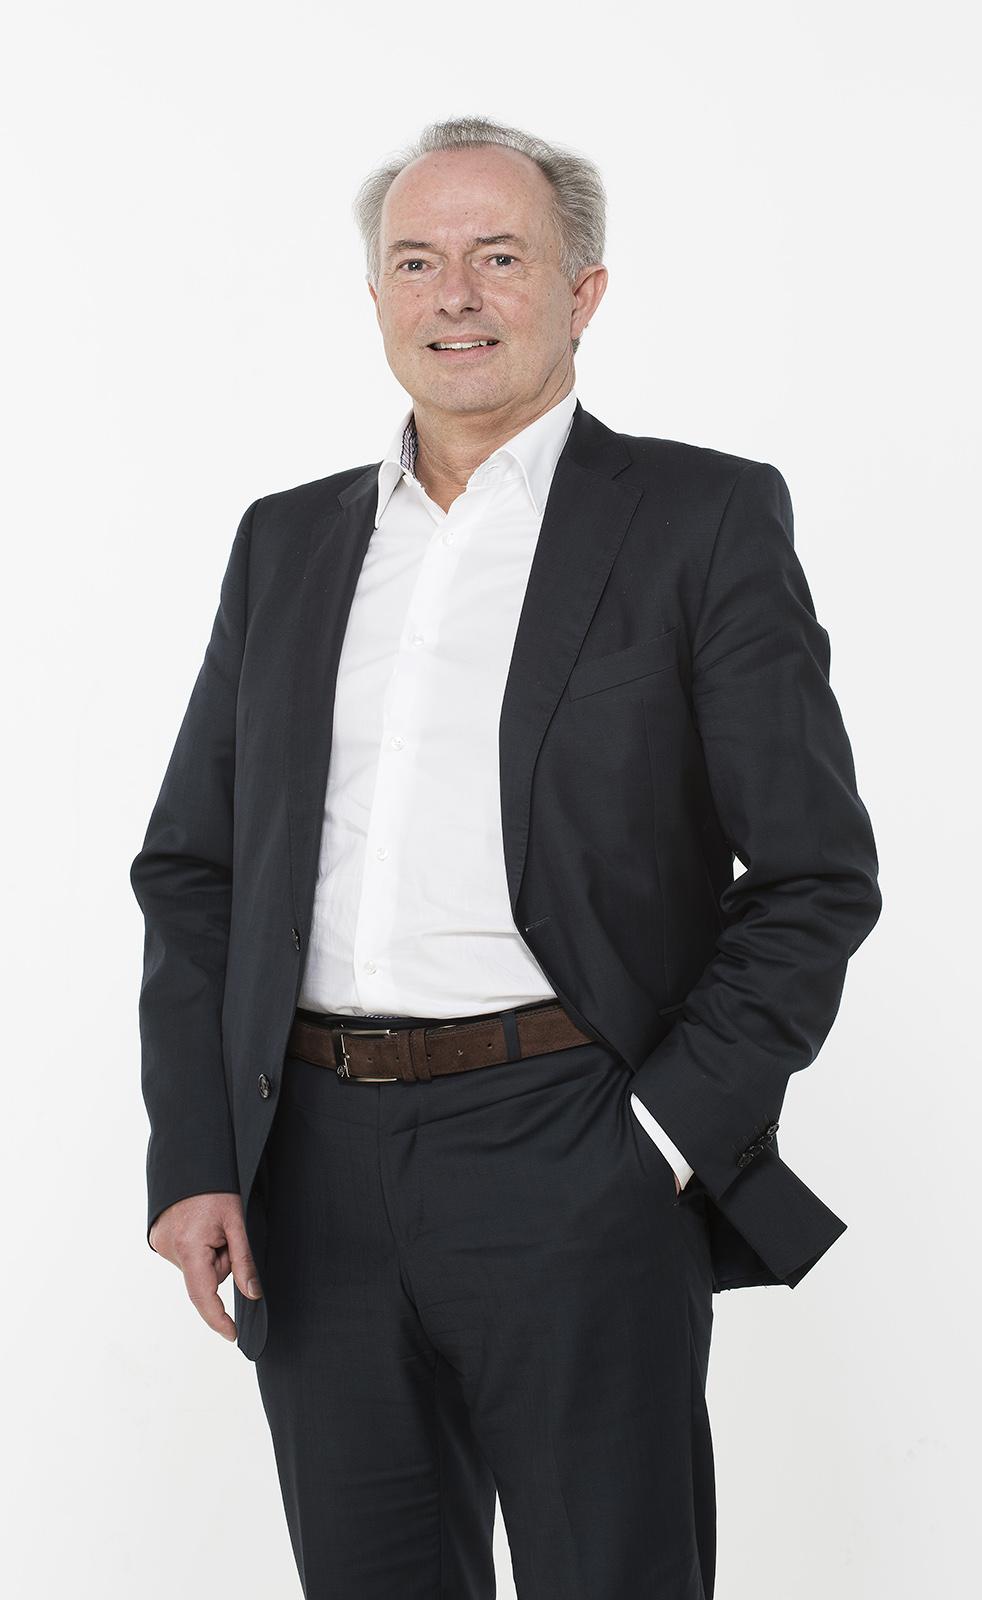 De FranchiseAdviseur versterkt zich door komst Arie Uyttenbroek. Bron: FranchiseFormules.NL